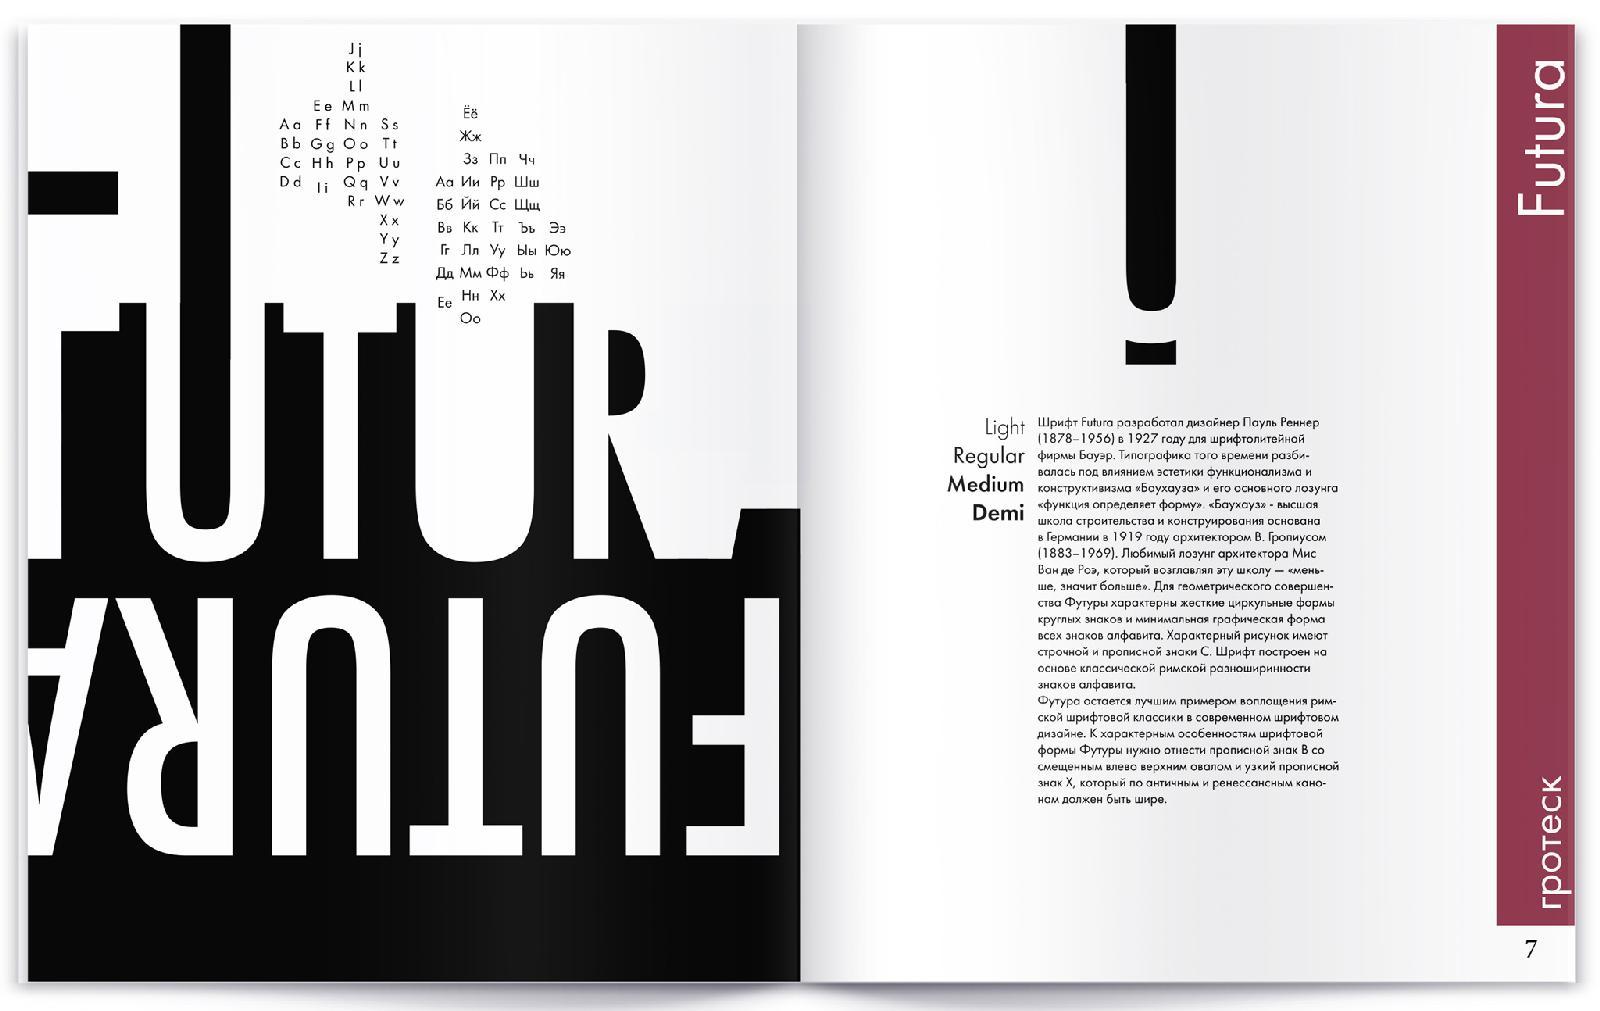 Итоговый проект по курсу «Шрифт и типографика» (преподаватель А. В. Андреев) — каталог шрифтов